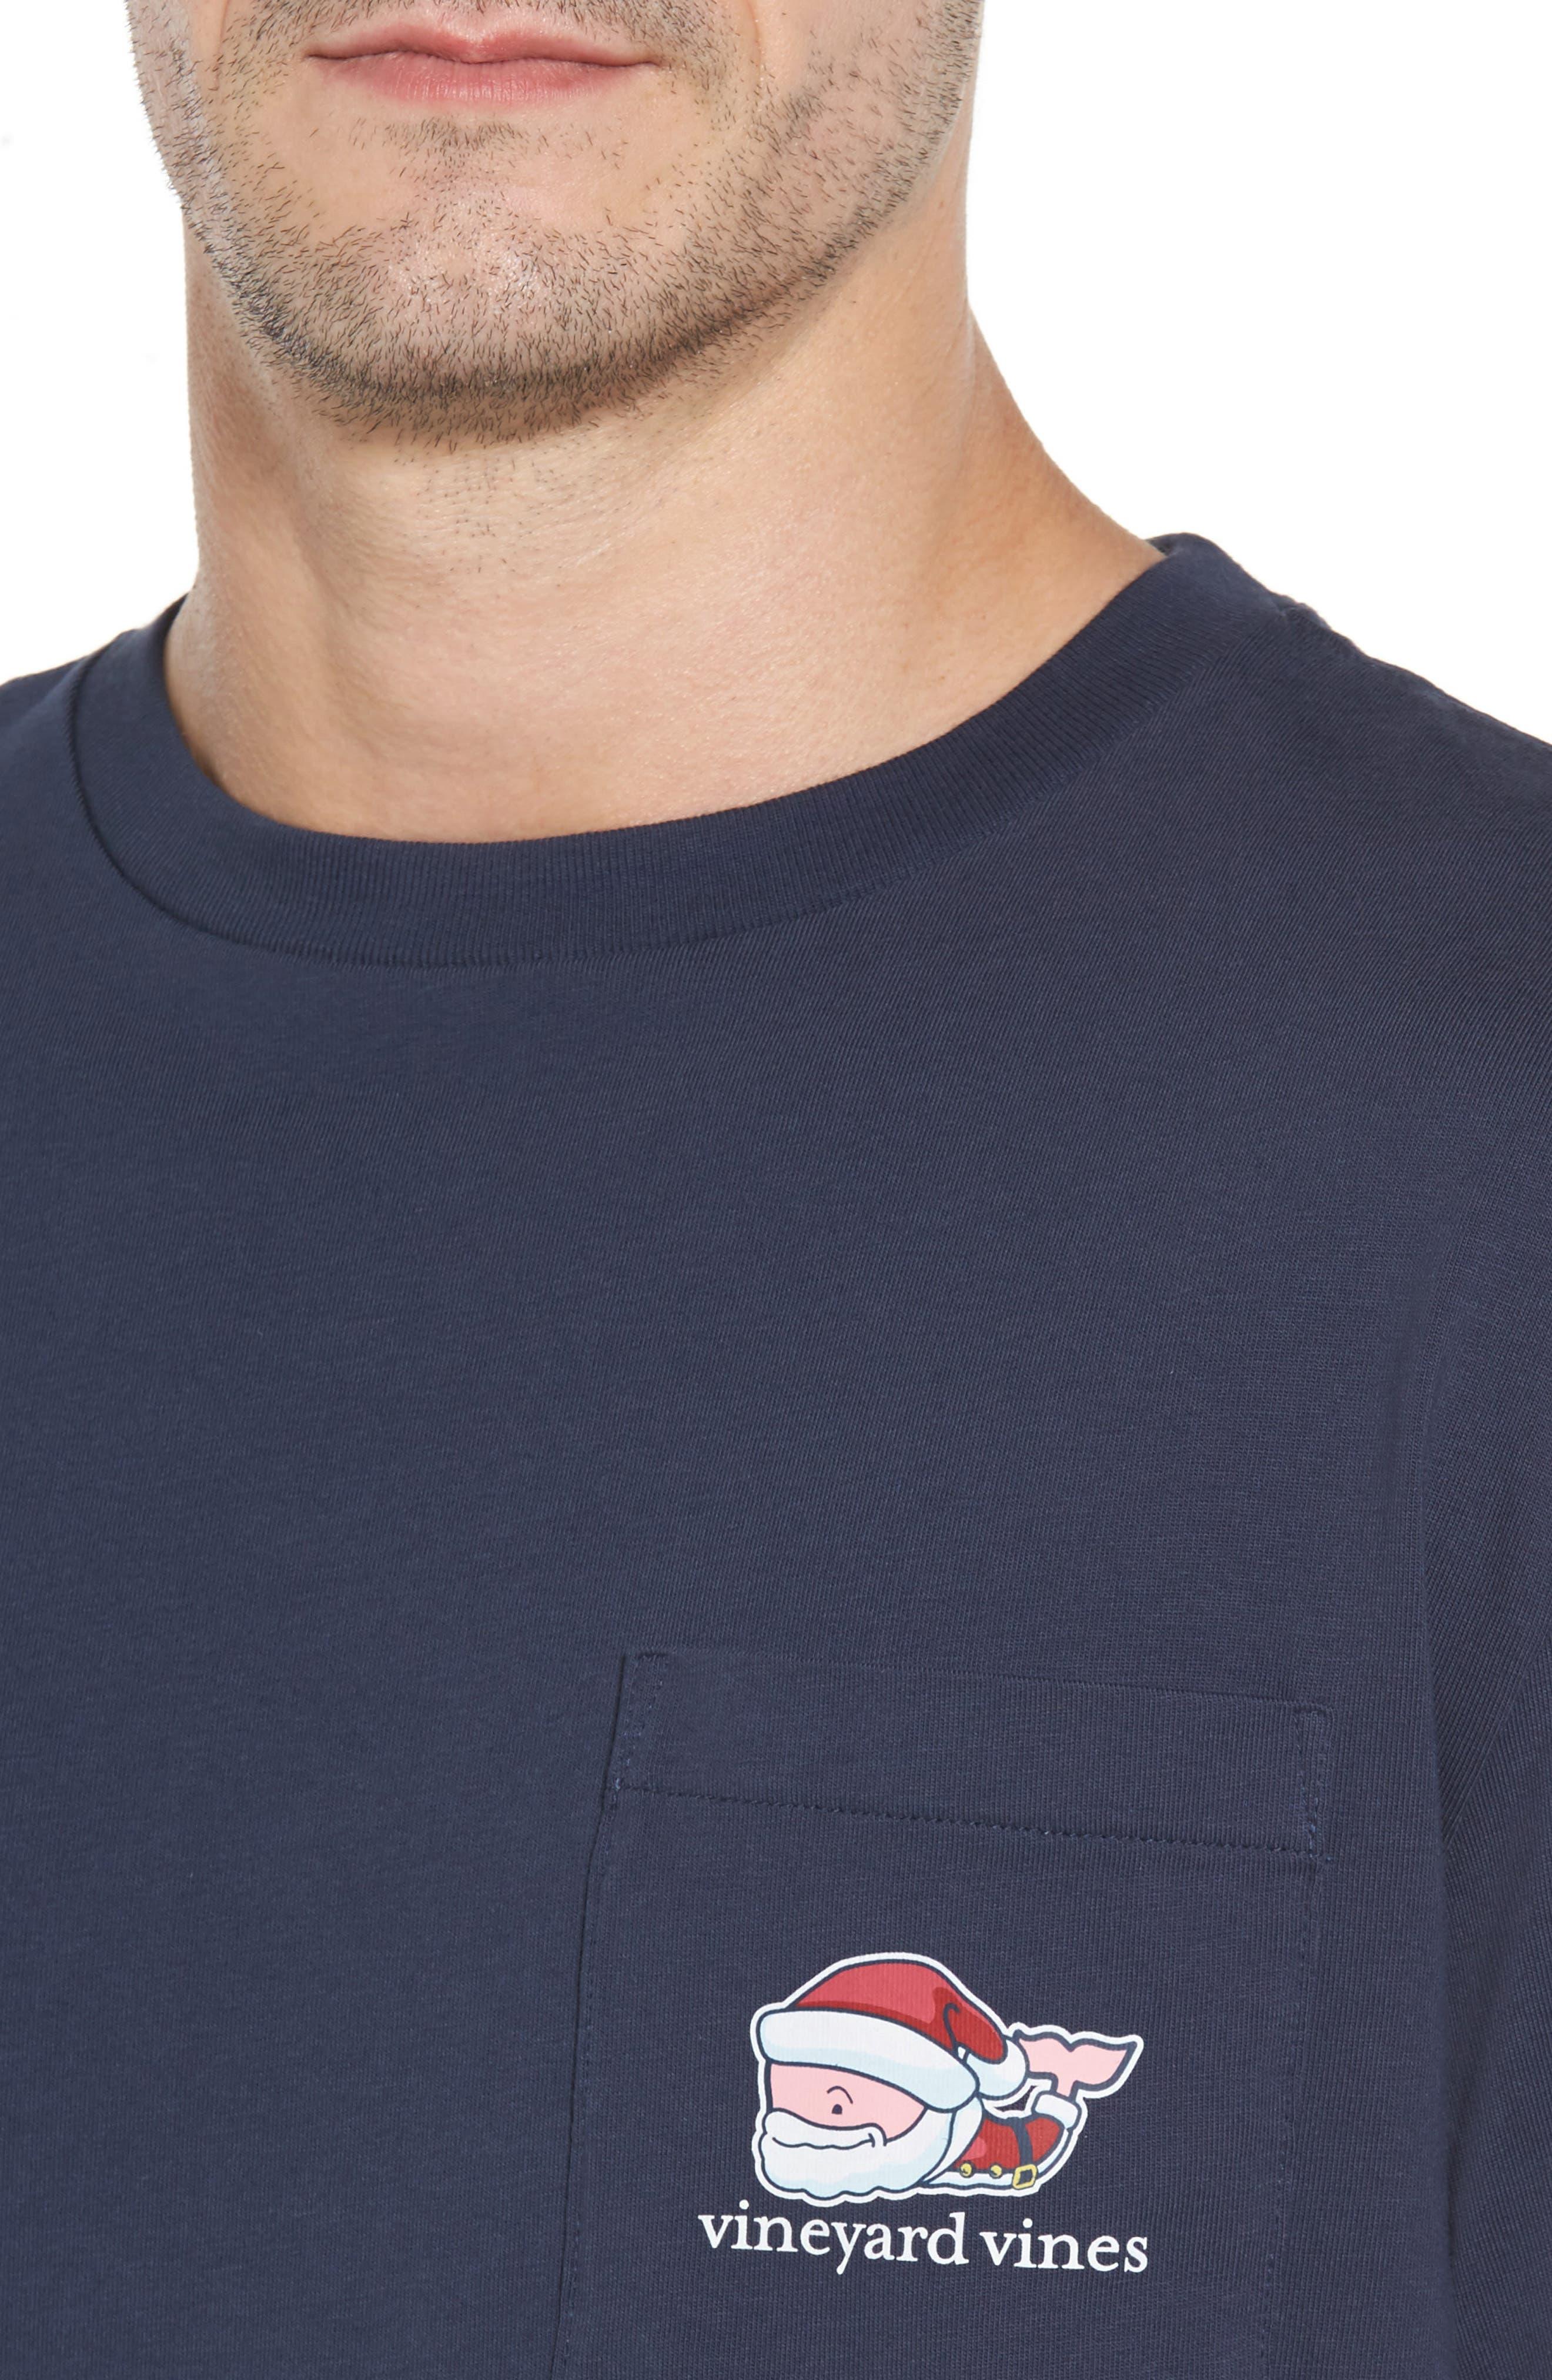 Mr. Claus Whale Graphic Pocket T-Shirt,                             Alternate thumbnail 4, color,                             Blue Blazer